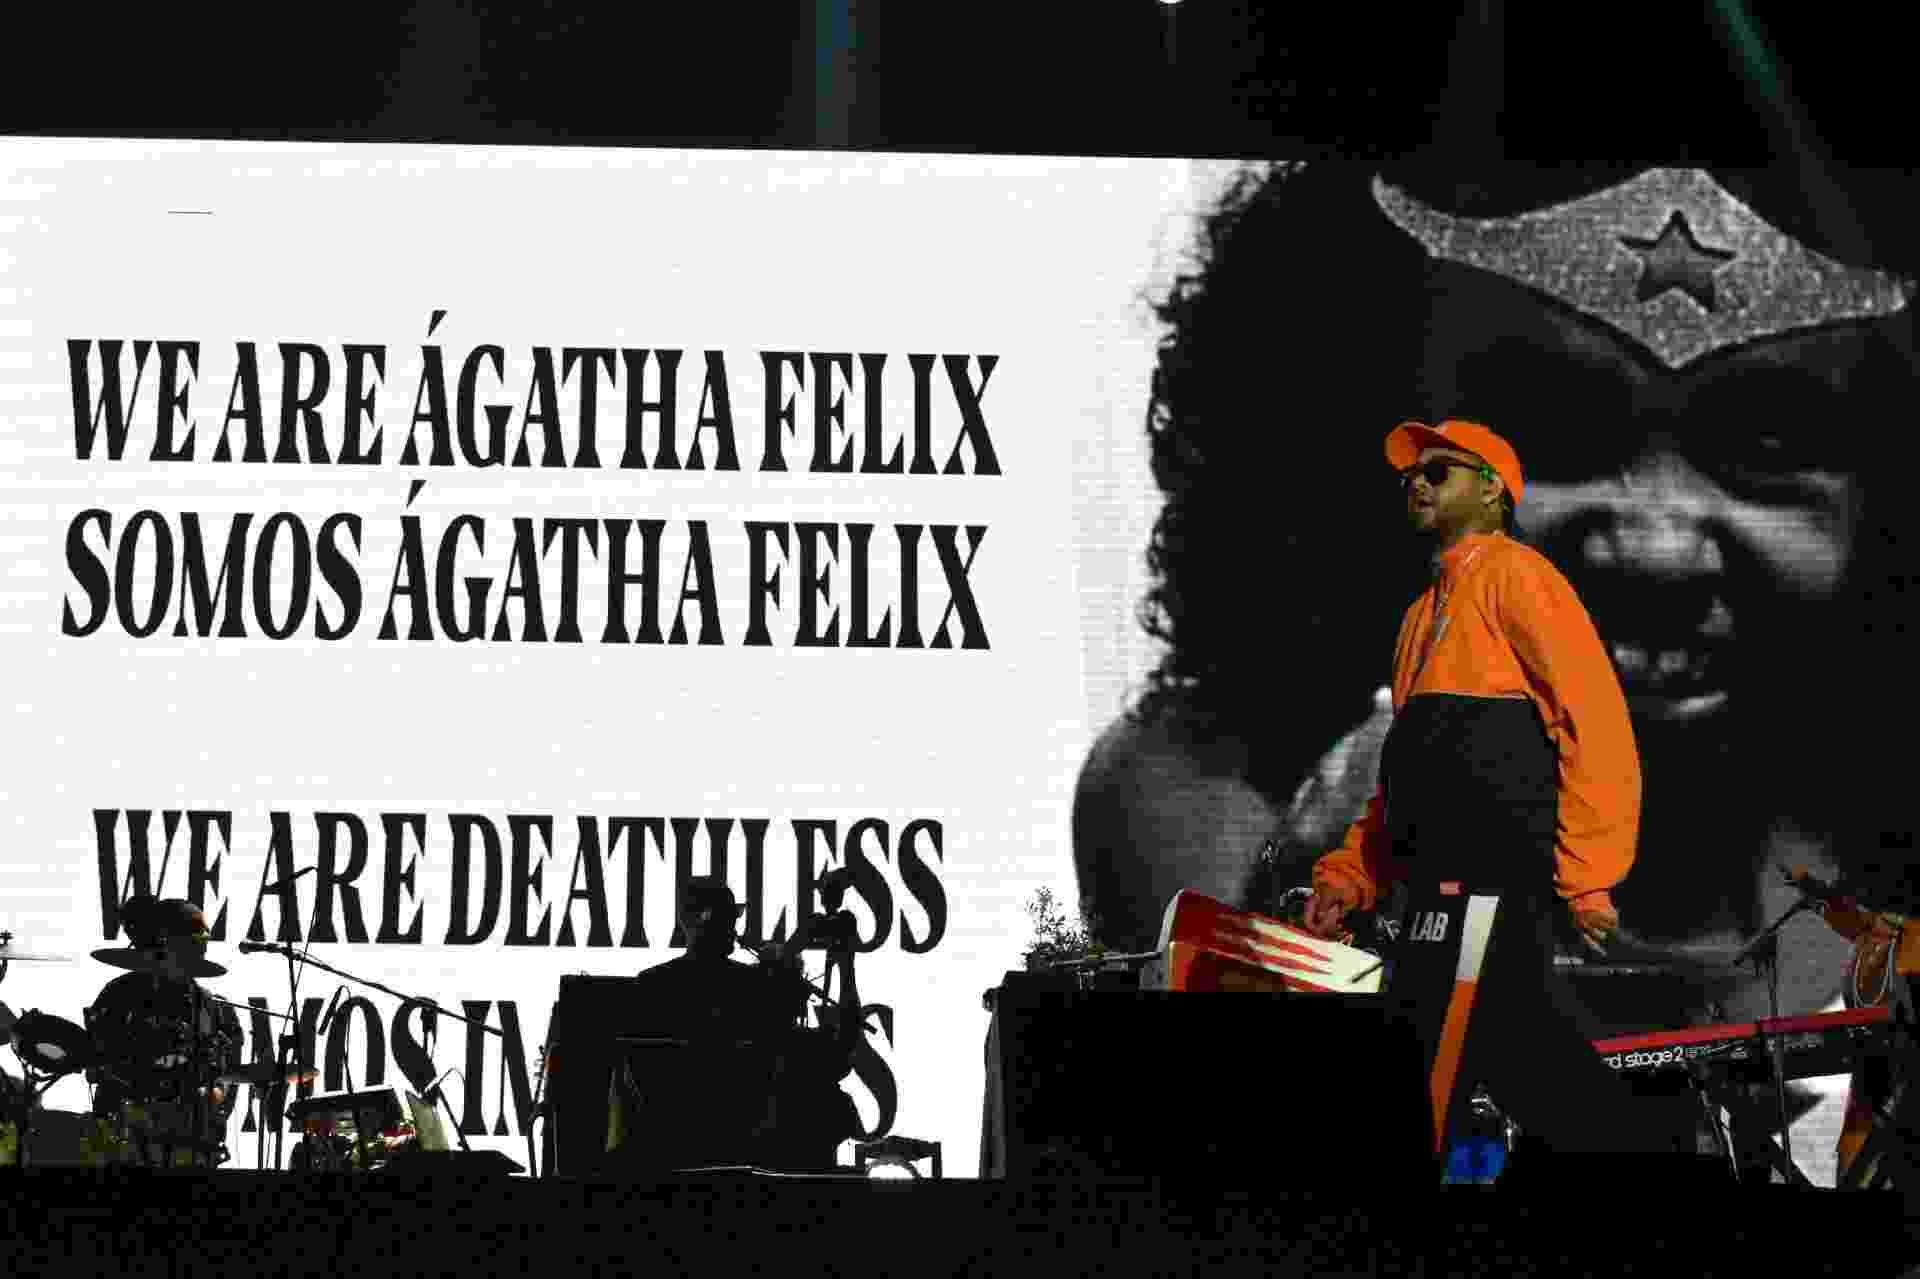 Emicida faz homenagem à menina Ágatha Félix no Rock In Rio 2019 - FERNANDA BALSTER/FOTOARENA/ESTADÃO CONTEÚDO